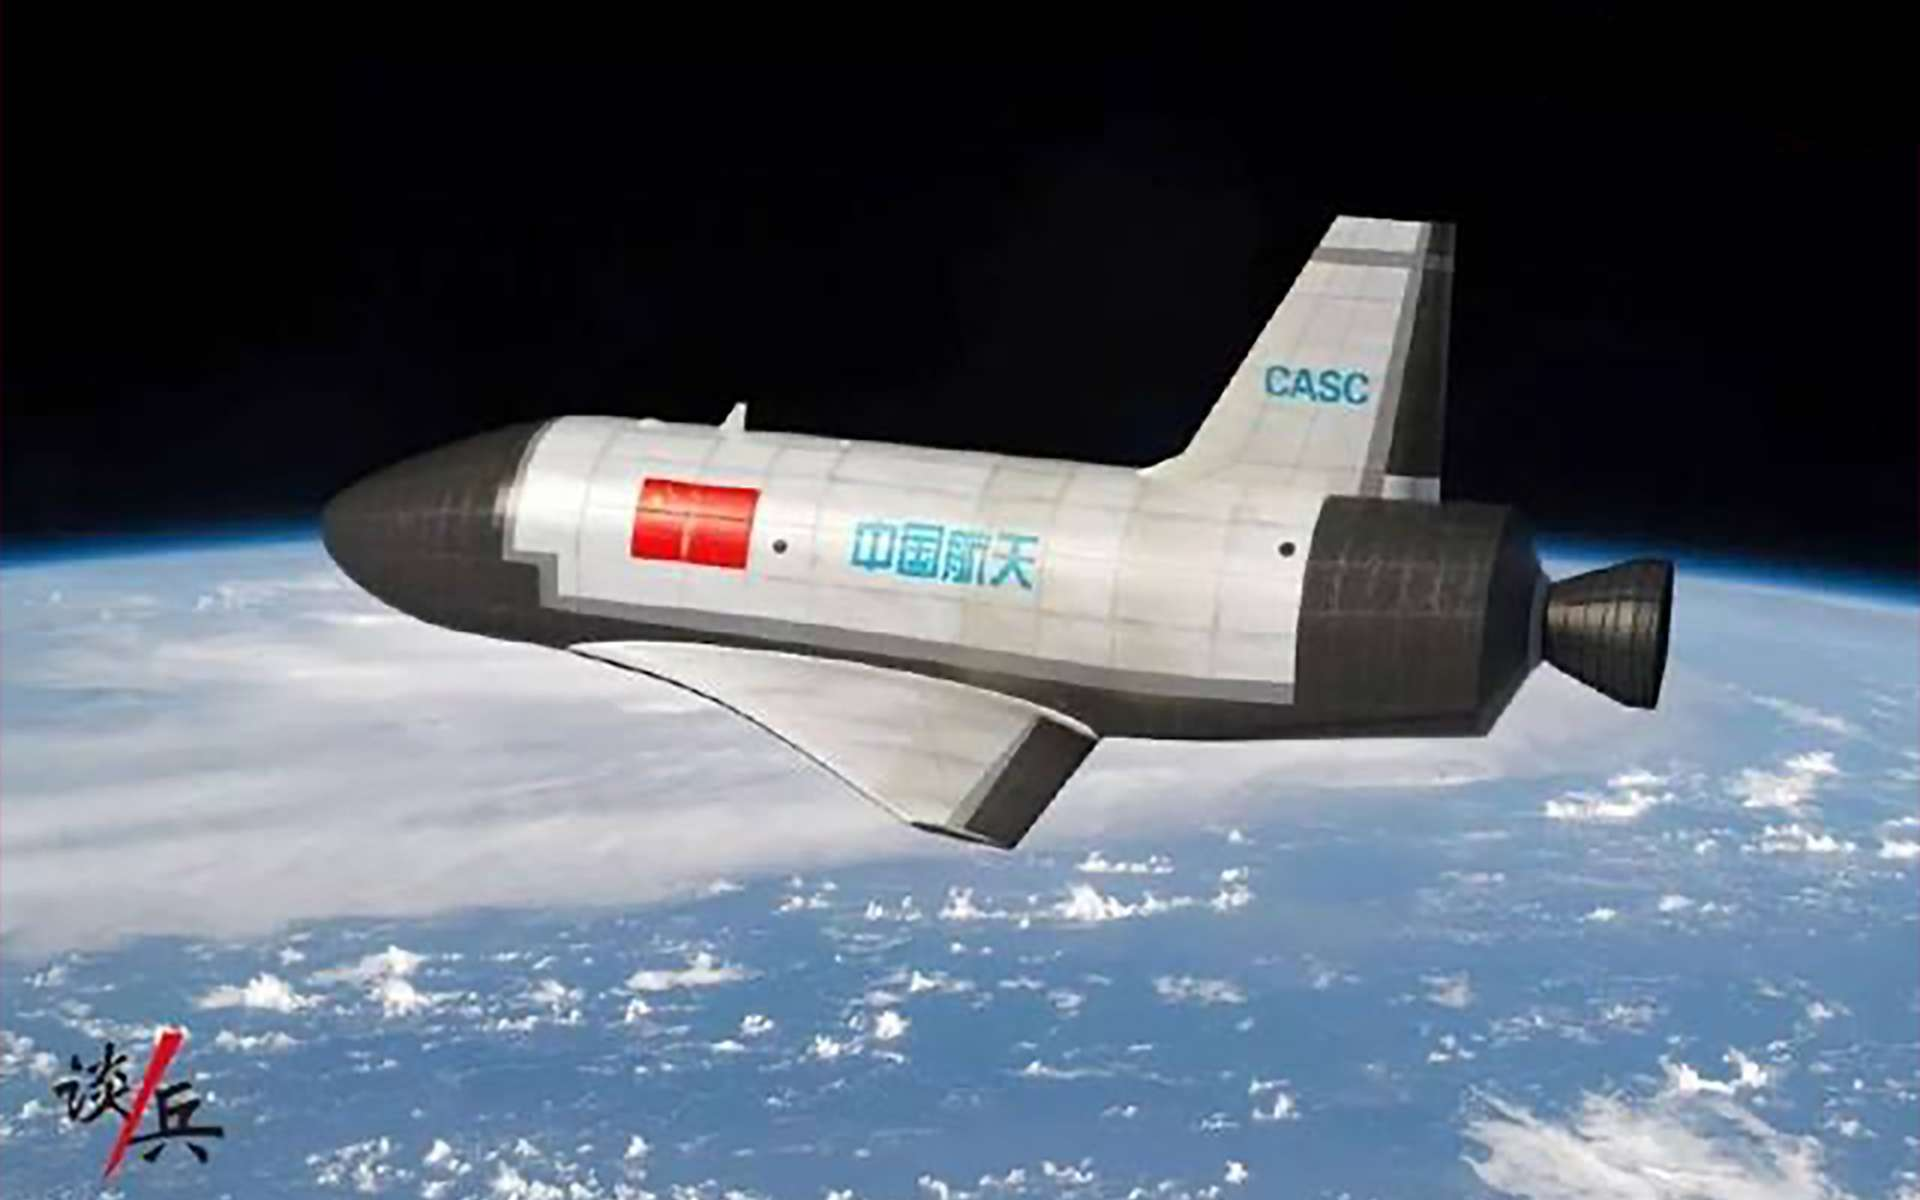 Vue d'artiste d'un projet d'avion spatial de la Société de sciences et technologies aérospatiales de Chine (CASC). La Chine n'a pas souhaité indiquer quel engin spatial réutilisable avait été en orbite les 4 et 5 septembre 2020. © Droits réservés (https://tinyurl.com/y2tkdmdd)